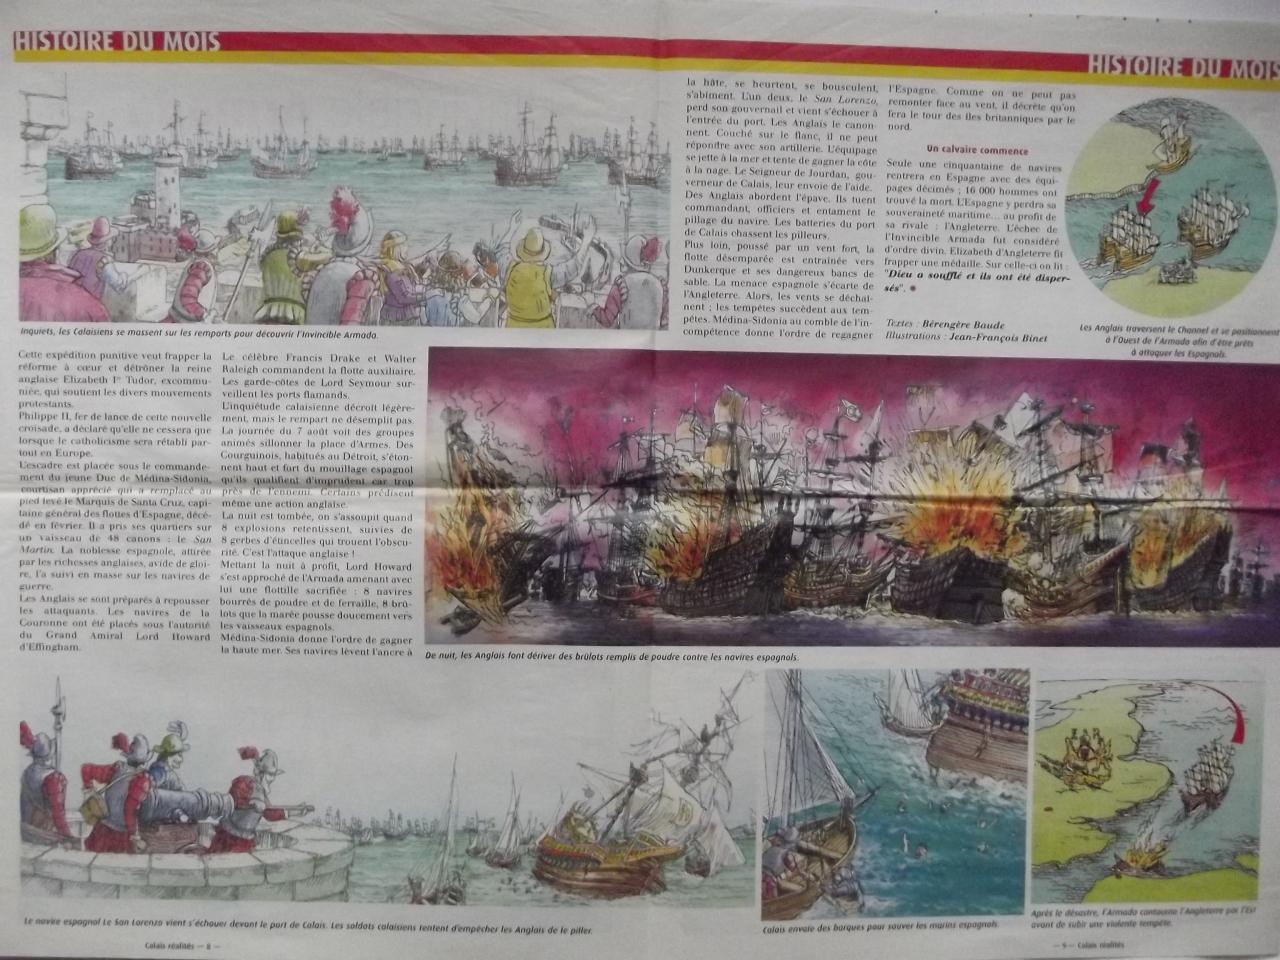 L'invincible Armada se disloque devant Calais 2